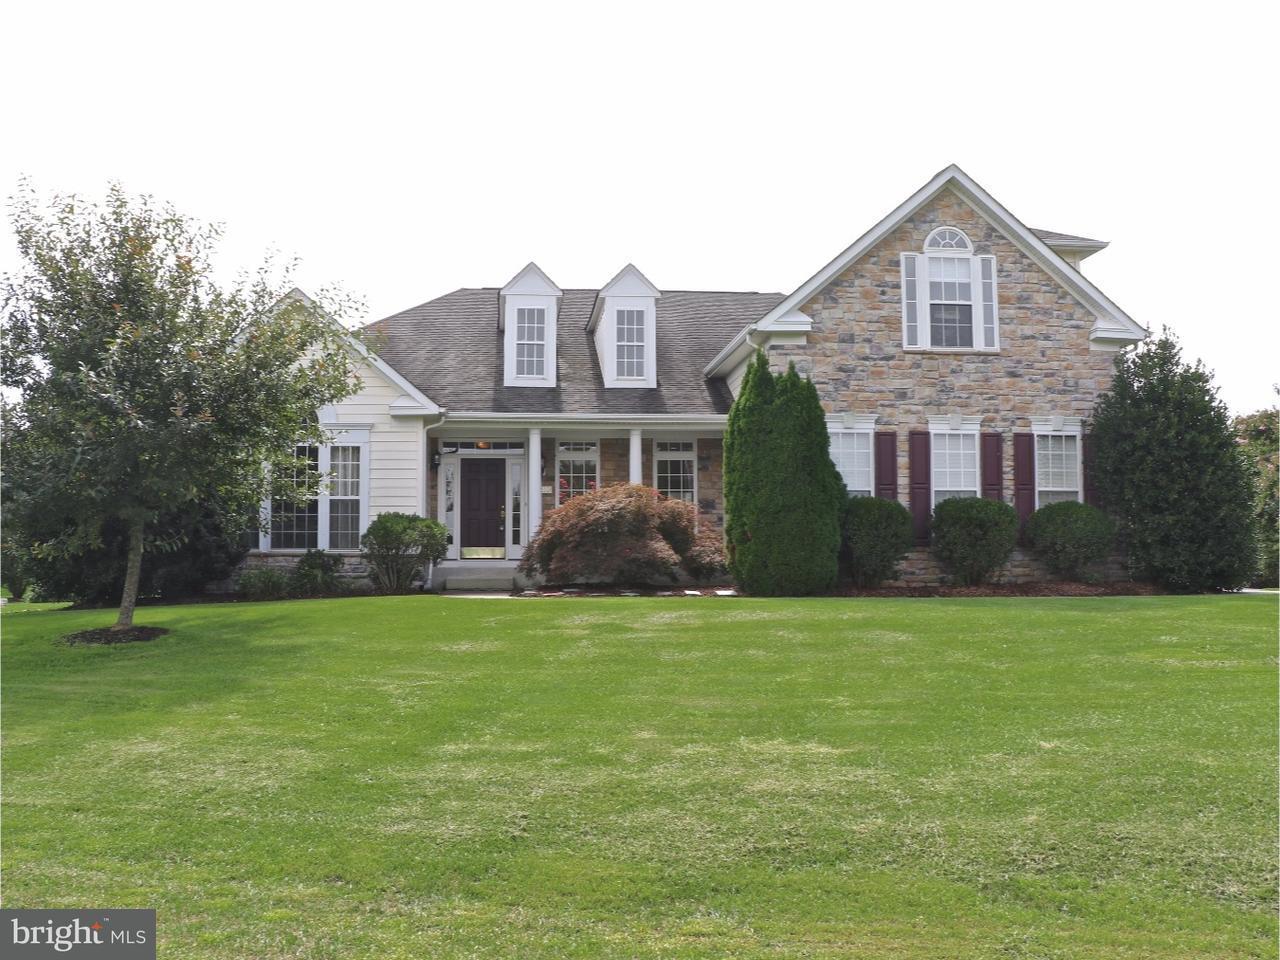 独户住宅 为 销售 在 15259 ROBINSON Drive 米尔顿, 特拉华州 19968 美国